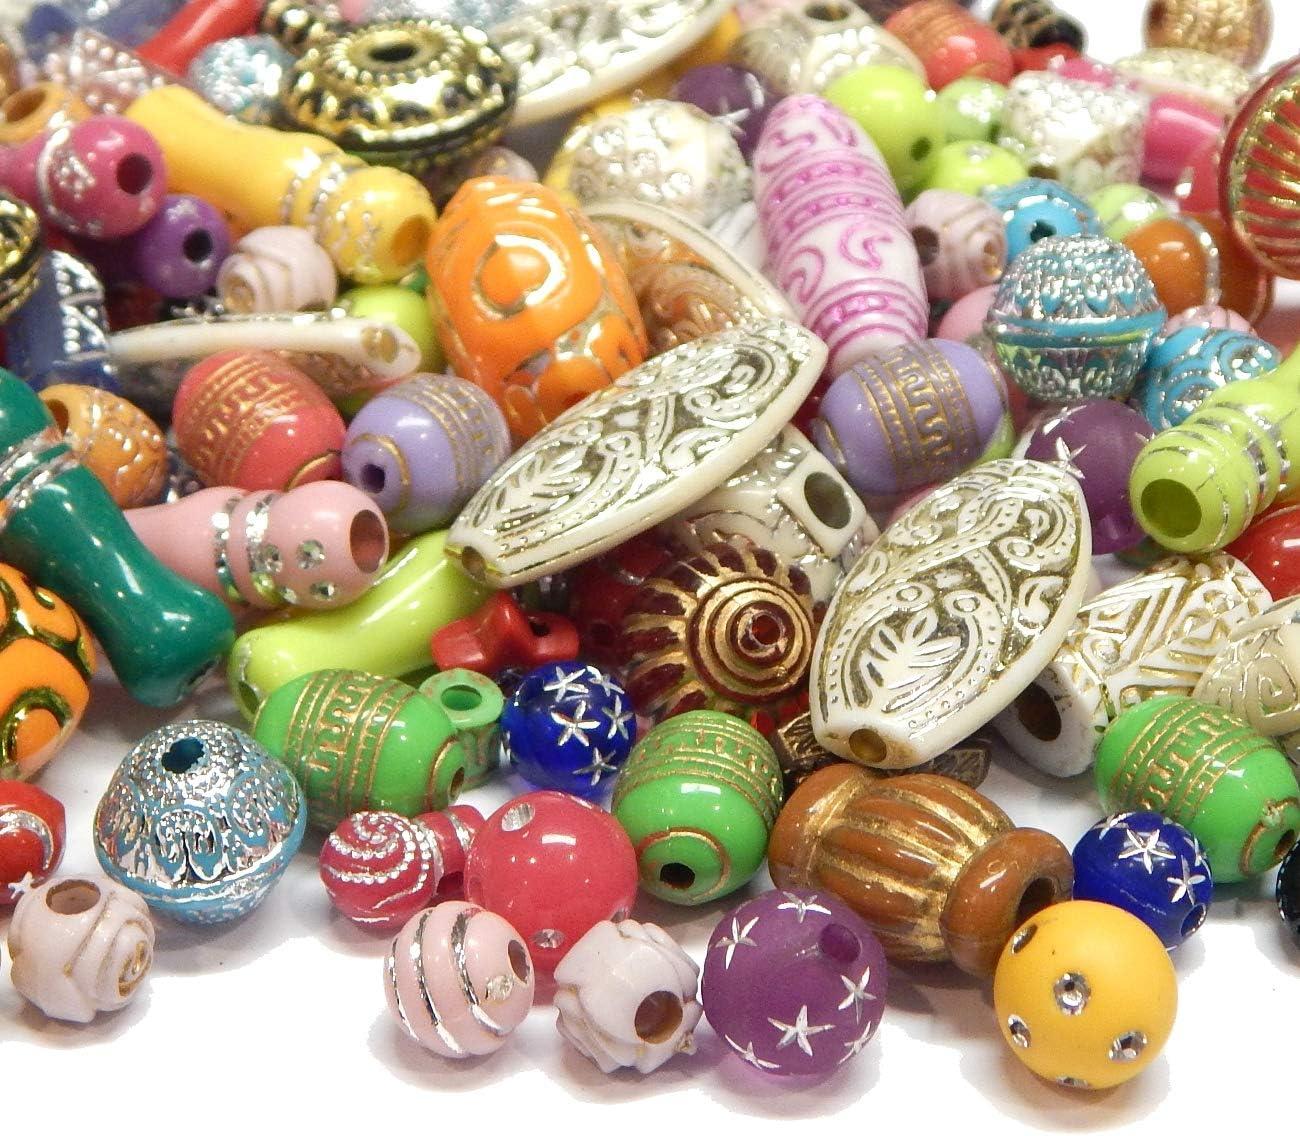 100 g de perlas de plástico mezcla de perlas brillantes efecto purpurina perlas multicolor Mix diseños perlas acrílicas Set Perlas para enhebrar Juego de manualidades R385 x2